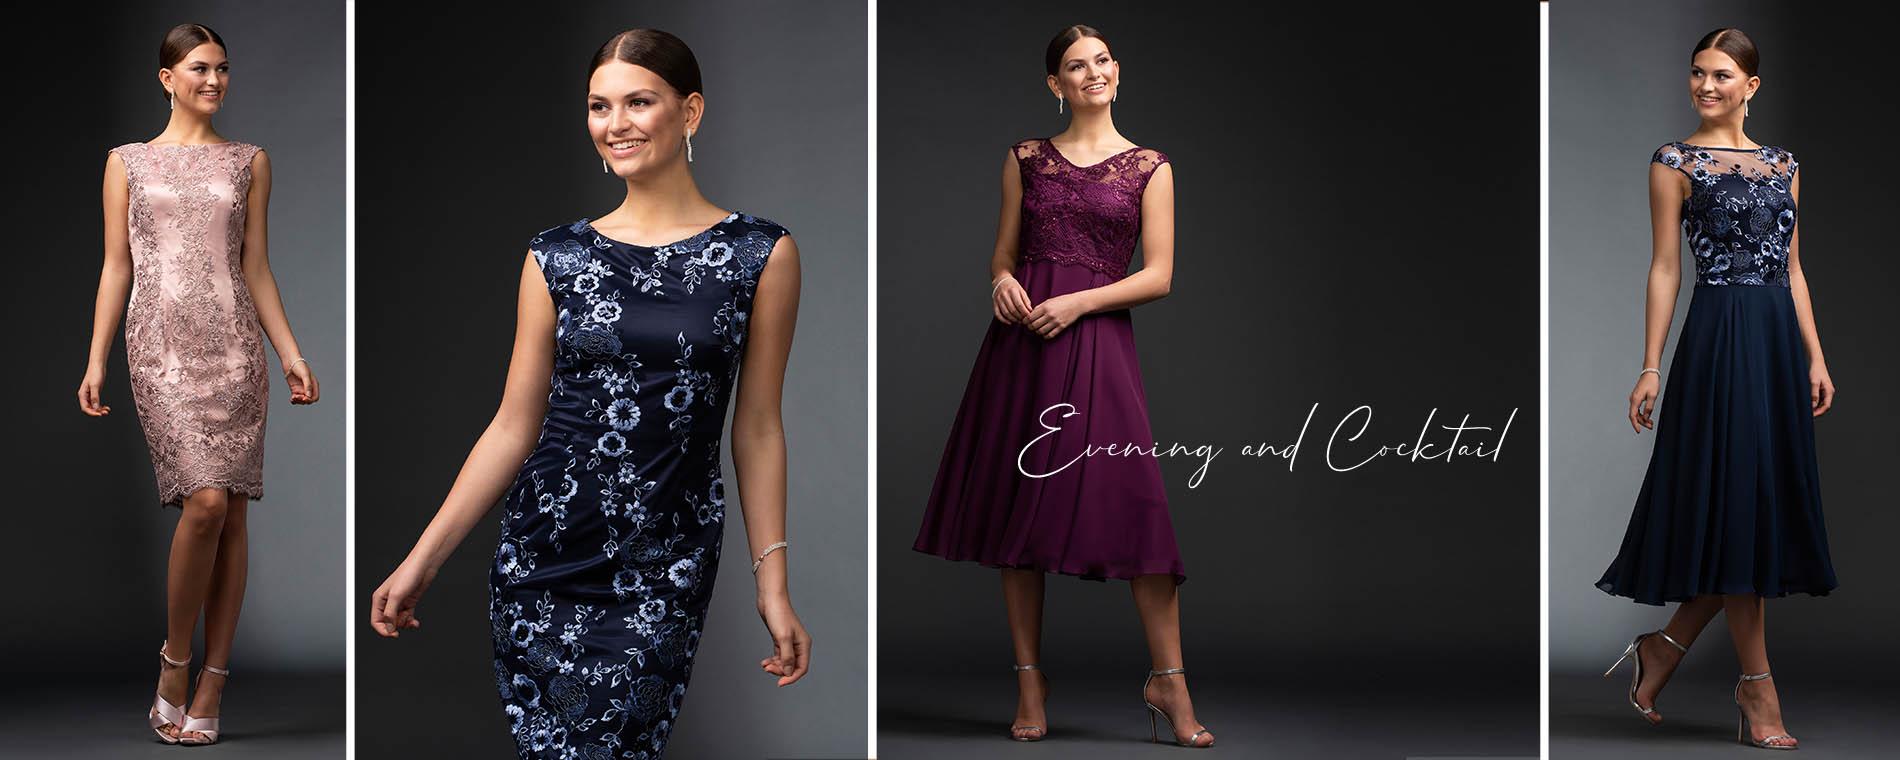 Vier Elegante Cocktail und Abendkleider von Itsmydress